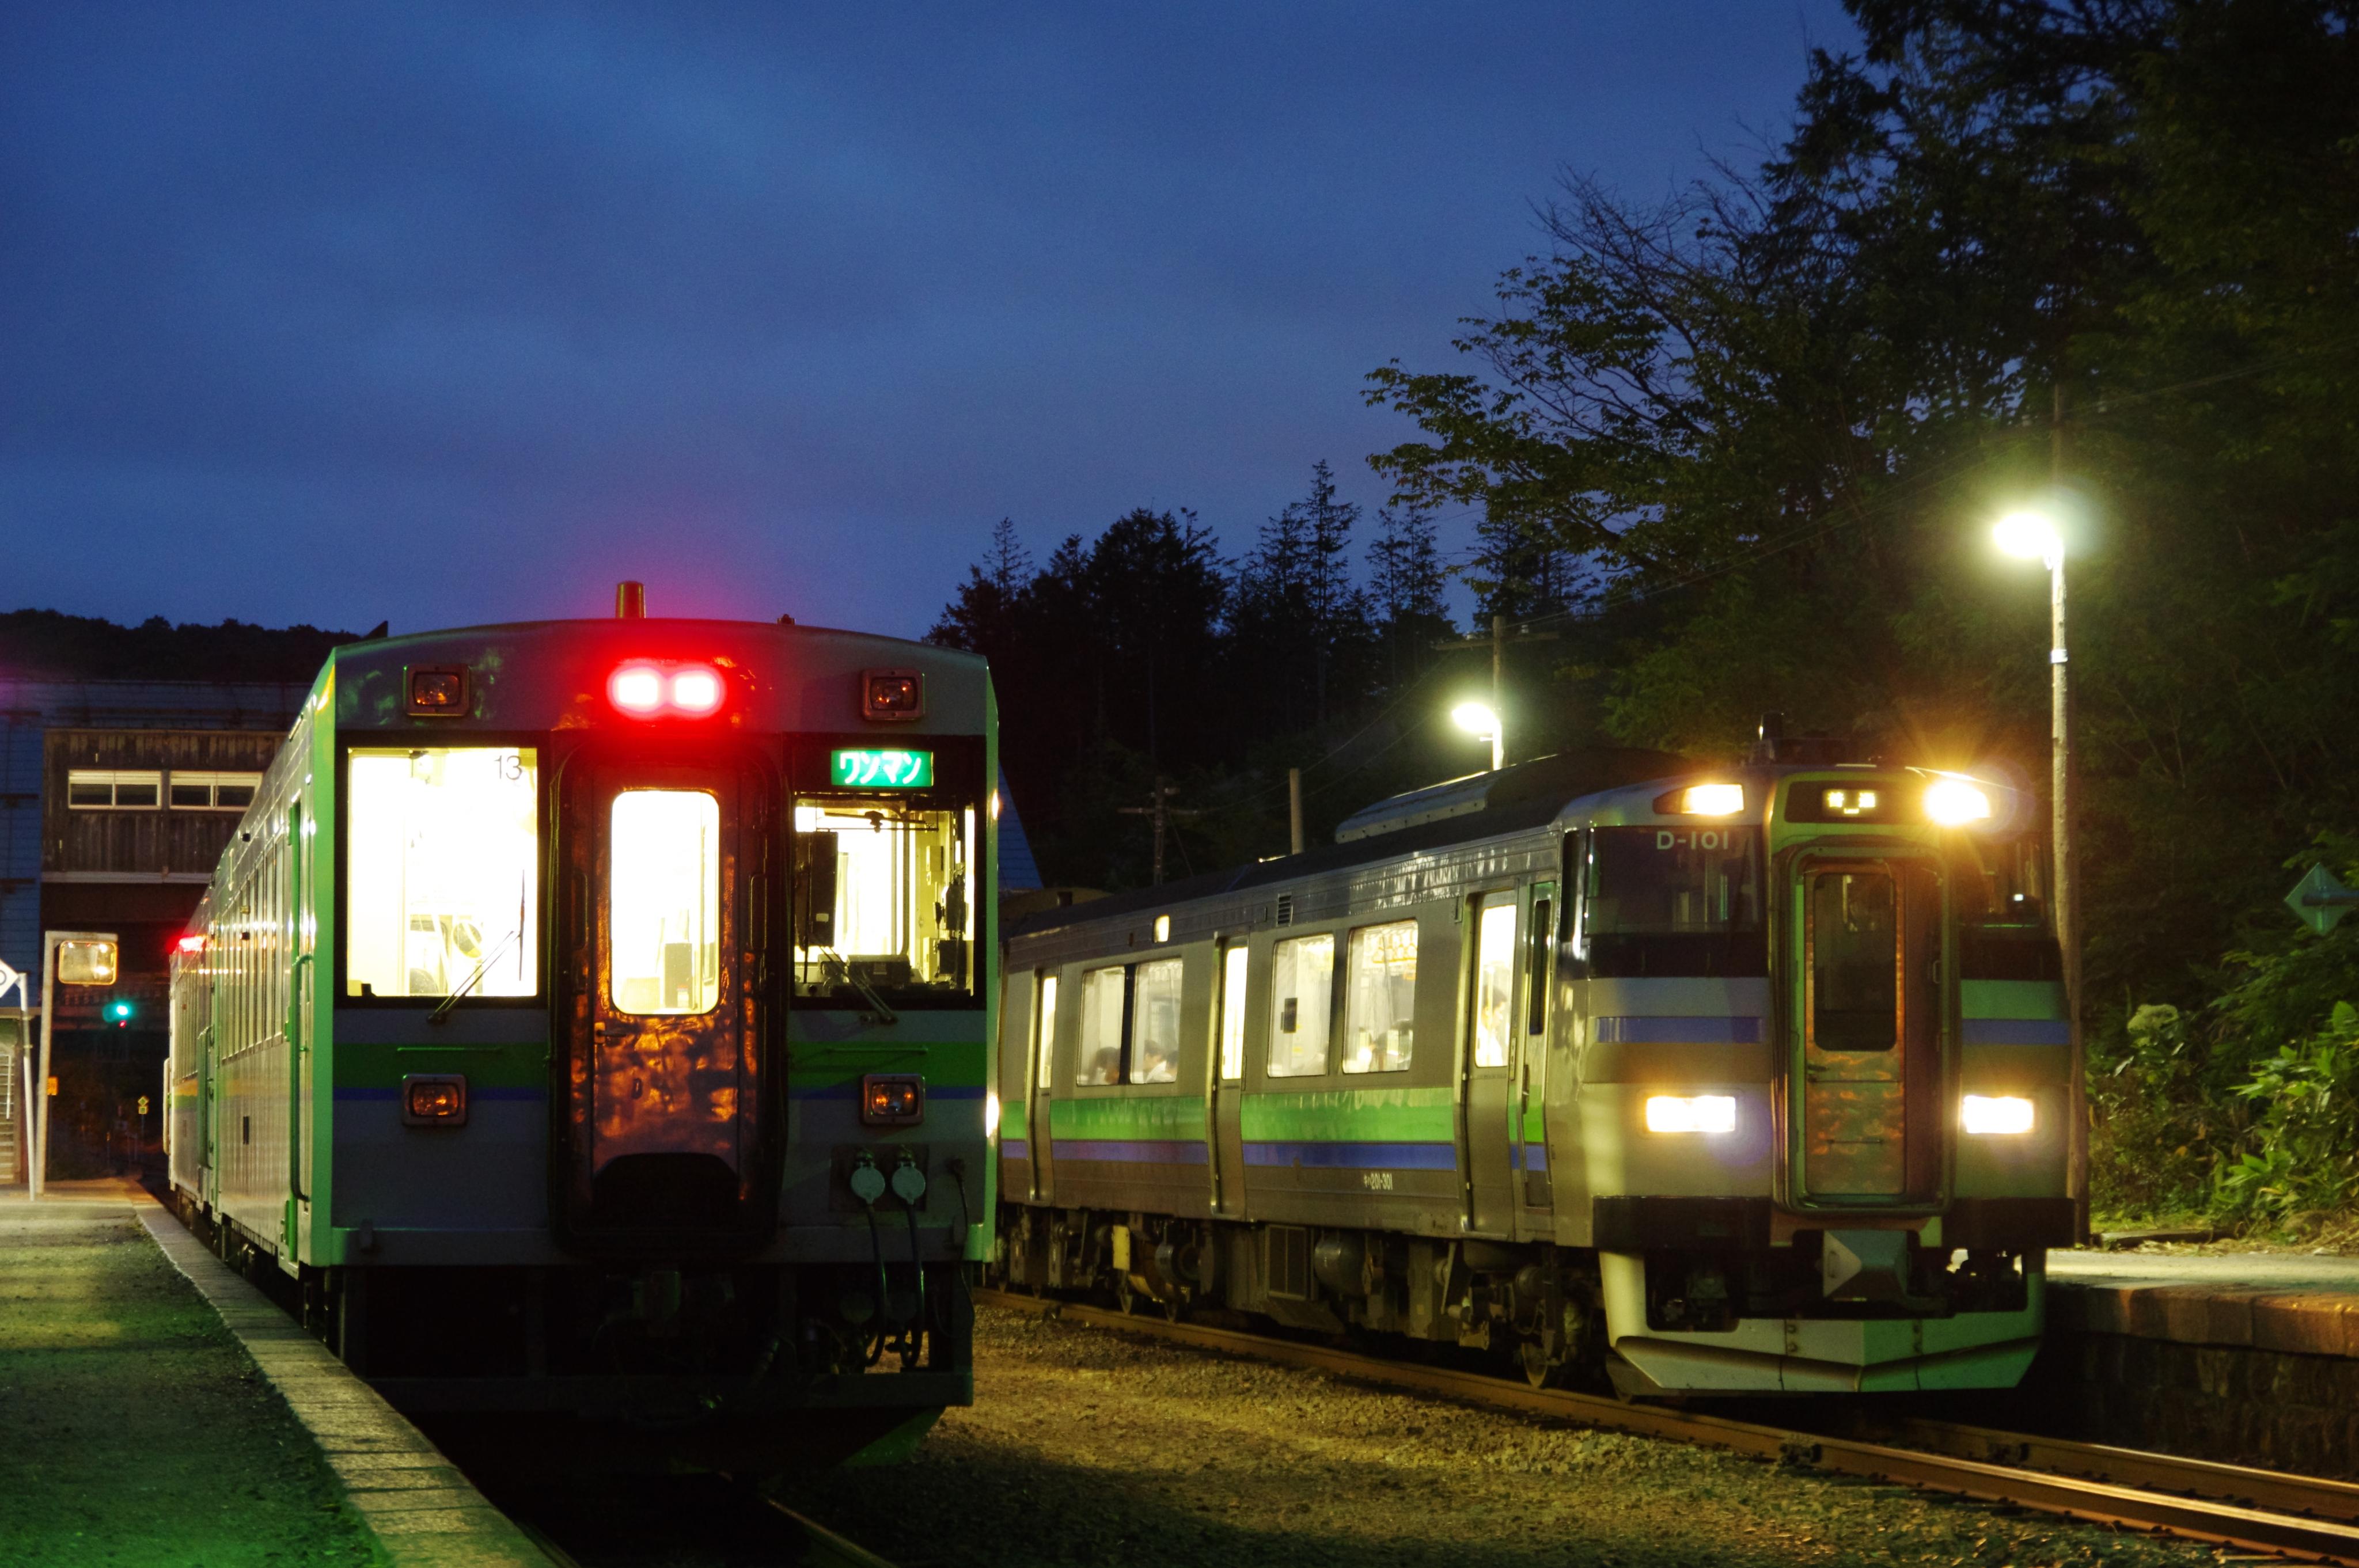 180827 塩谷駅 3954D&1951D.jpg